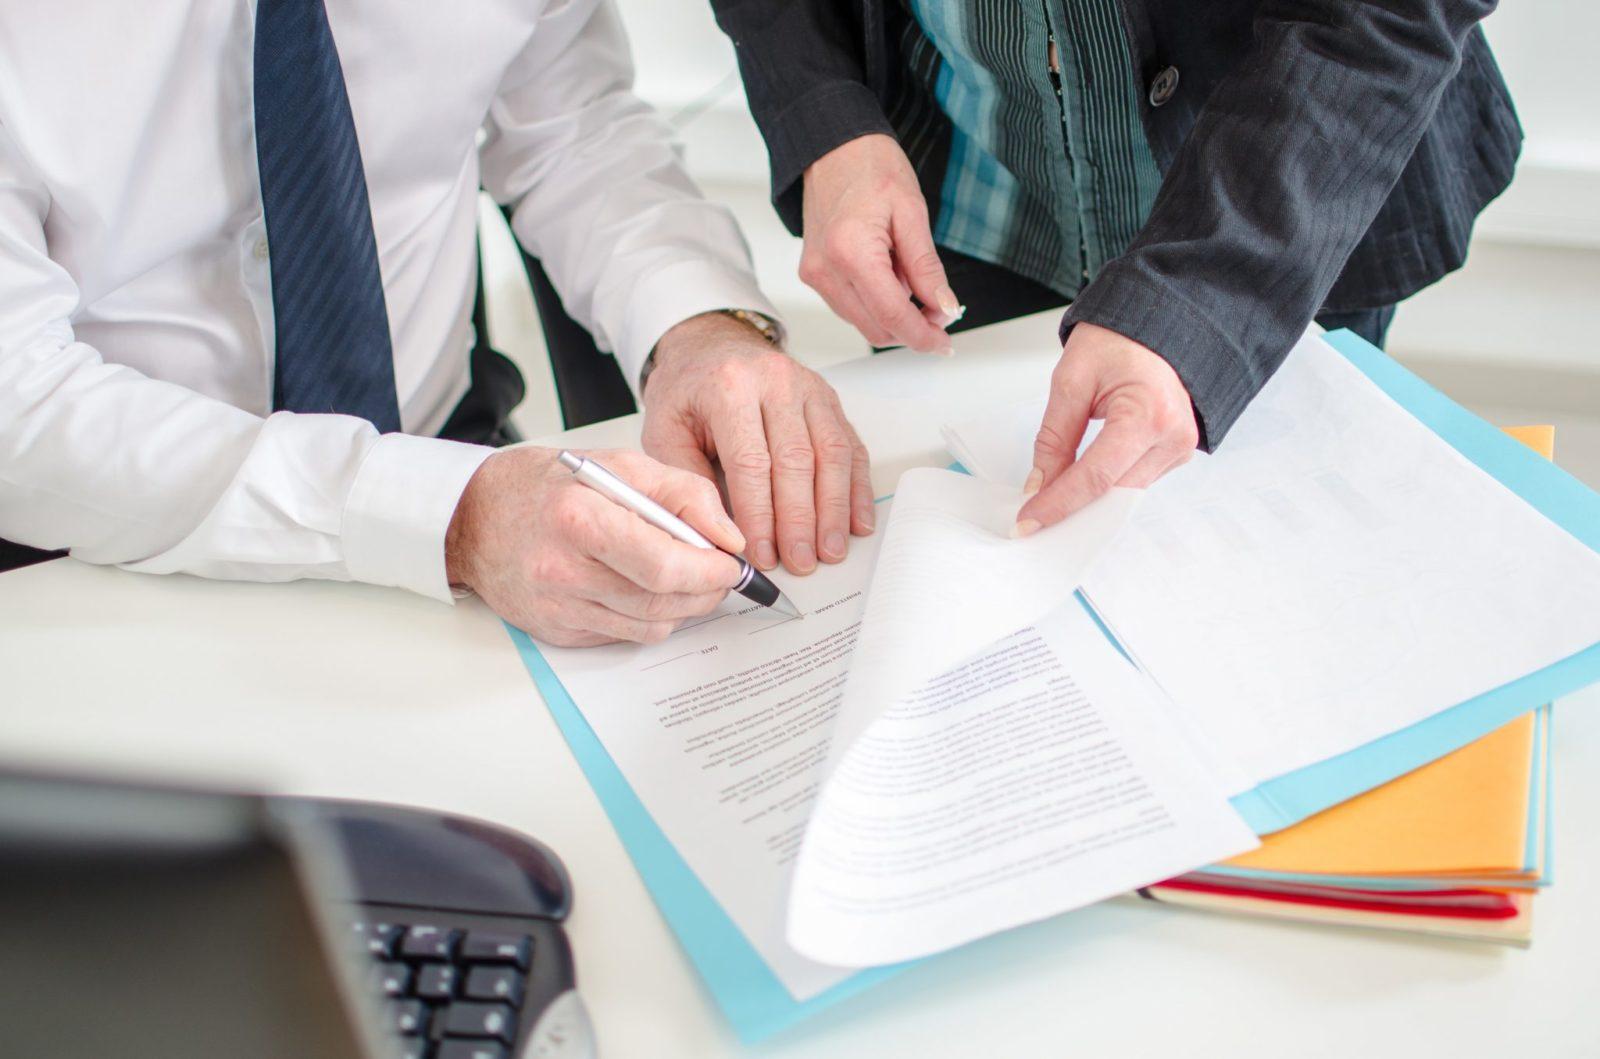 Бухгалтерское обслуживание и сопровождение в ООО